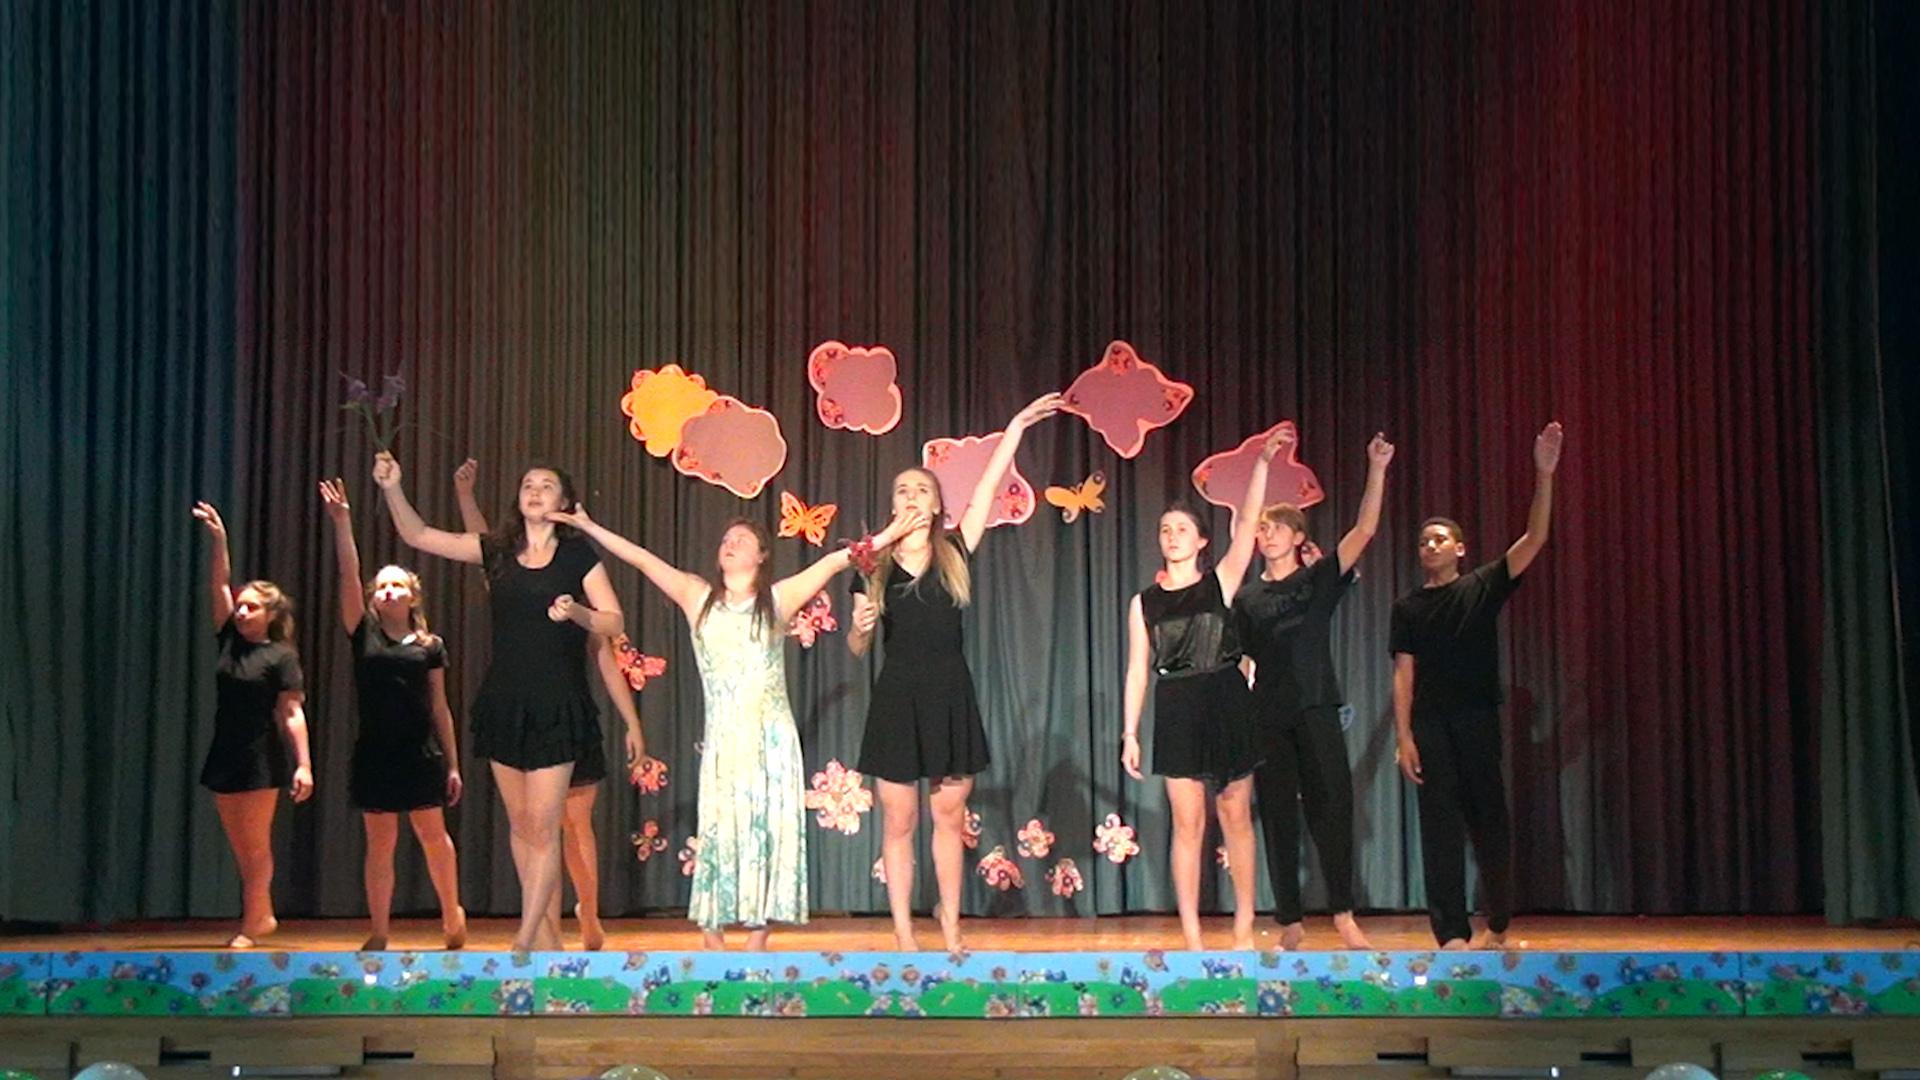 Танец, который поразил зрителей на выпускном концерте в школе Свв.Кирилла и Мефодия, г.Оттава